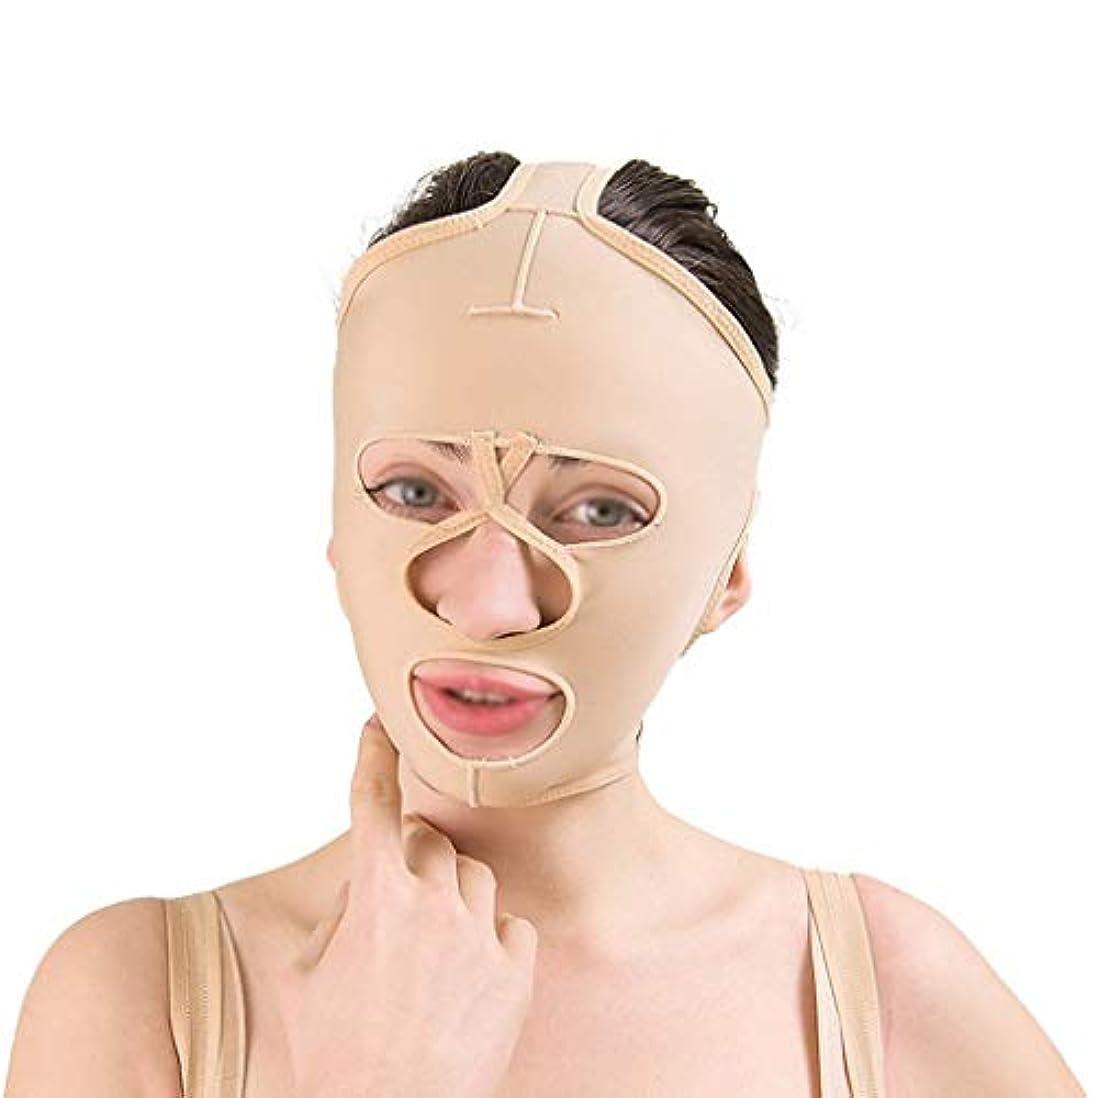 自動体系的にインテリアフェイシャルリフティングツール、フェイシャルビューティーリフティングマスク、通気性引き締めリフティングフェイシャル包帯、フェイシャルタイトバンデージ(サイズ:L),M